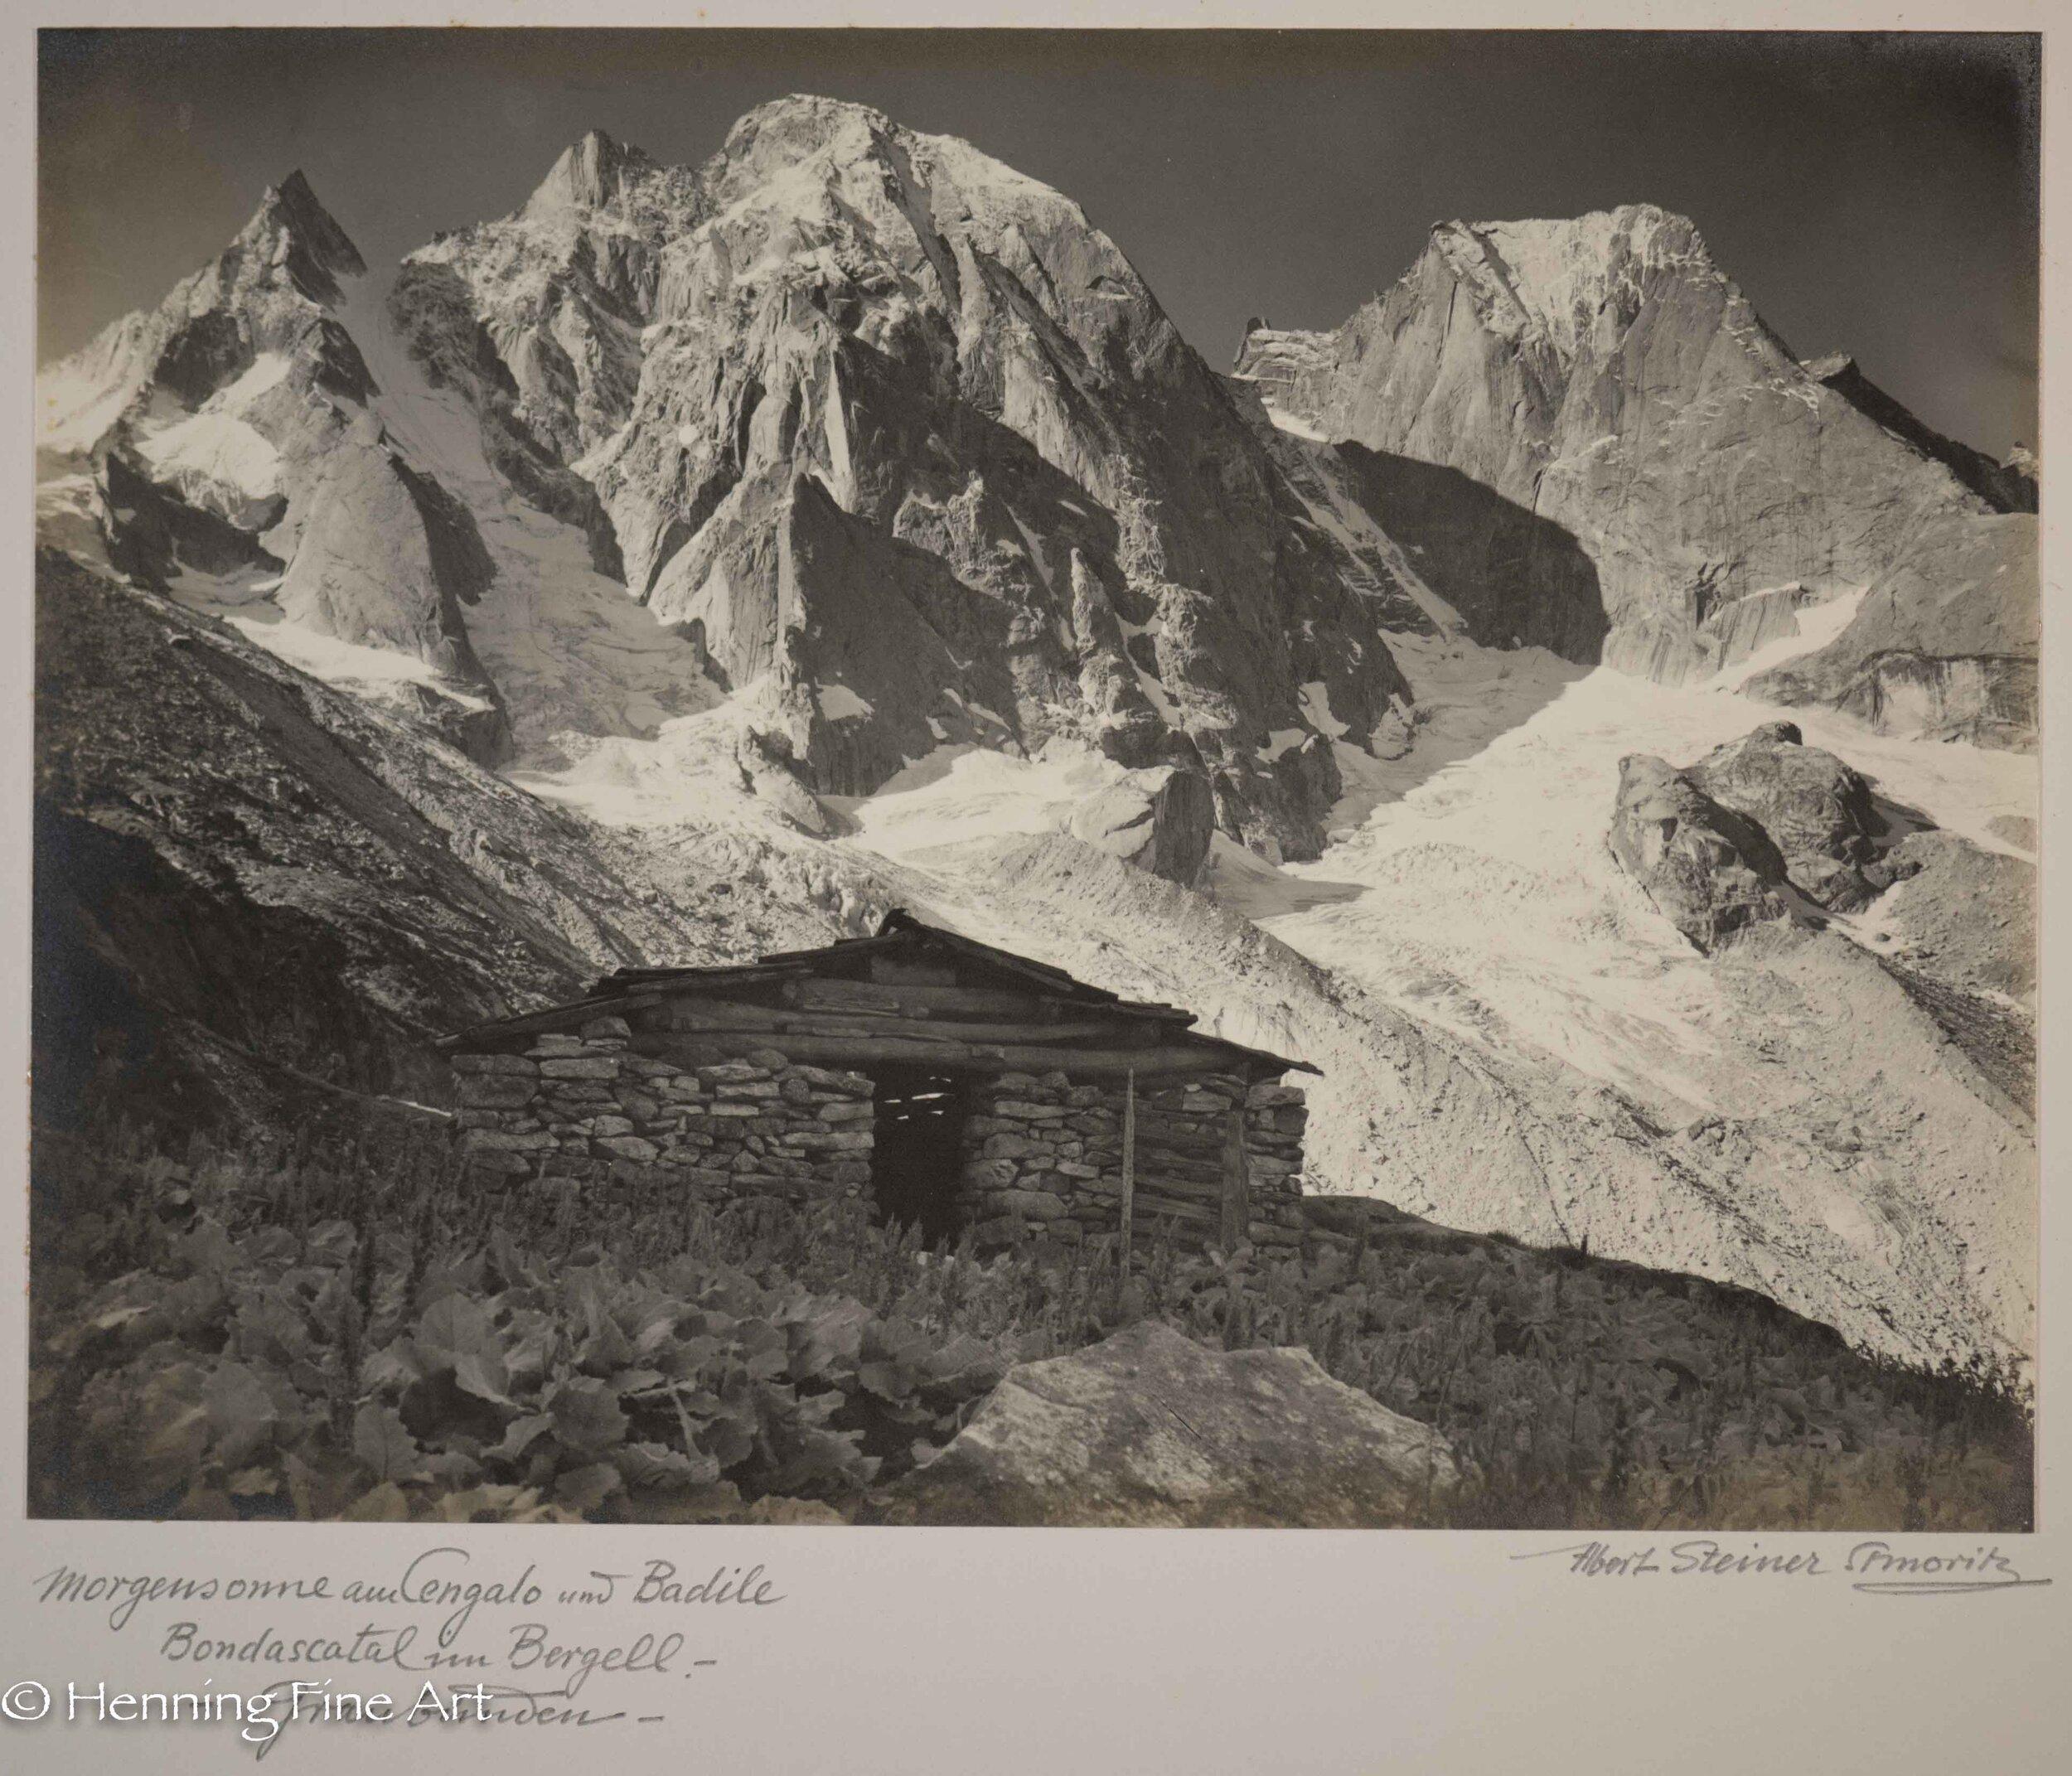 """Albert Steiner (1877 - 1965) """"Morgensonne am Cengalo und Badile Bondascattal im Bergell. - - Graubunden -.""""  Image (3-3)"""